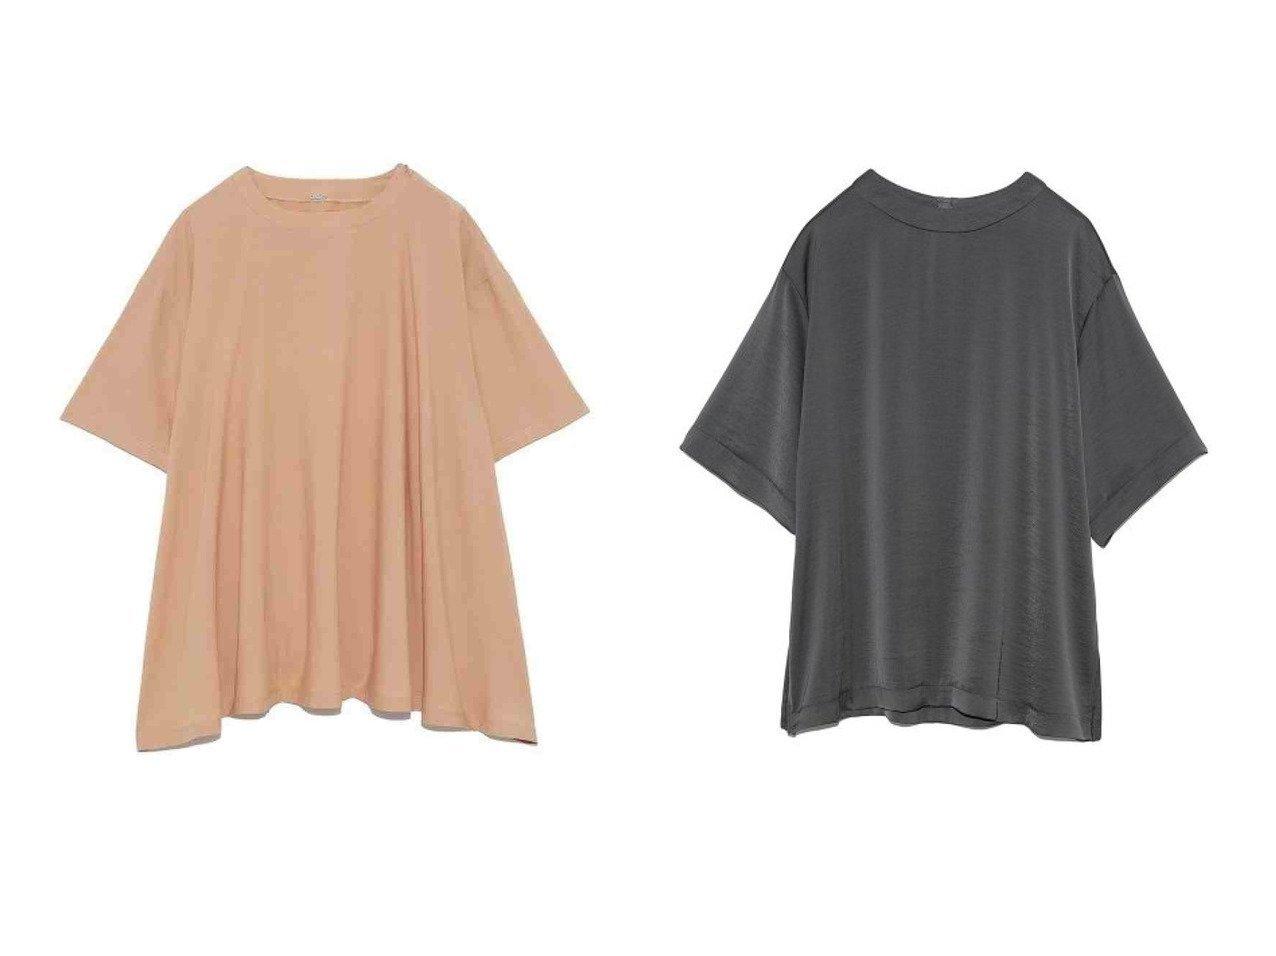 【Mila Owen/ミラオーウェン】のTシャツライク布帛ヘムフレアトップス&Tシャツライクサテンブラウス トップス・カットソーのおすすめ!人気、トレンド・レディースファッションの通販 おすすめで人気の流行・トレンド、ファッションの通販商品 メンズファッション・キッズファッション・インテリア・家具・レディースファッション・服の通販 founy(ファニー) https://founy.com/ ファッション Fashion レディースファッション WOMEN トップス Tops Tshirt シャツ/ブラウス Shirts Blouses ロング / Tシャツ T-Shirts カットソー Cut and Sewn インナー オレンジ カットソー ヘムライン リラックス ウォッシャブル サテン フォーマル ワーク 抗菌  ID:crp329100000015080